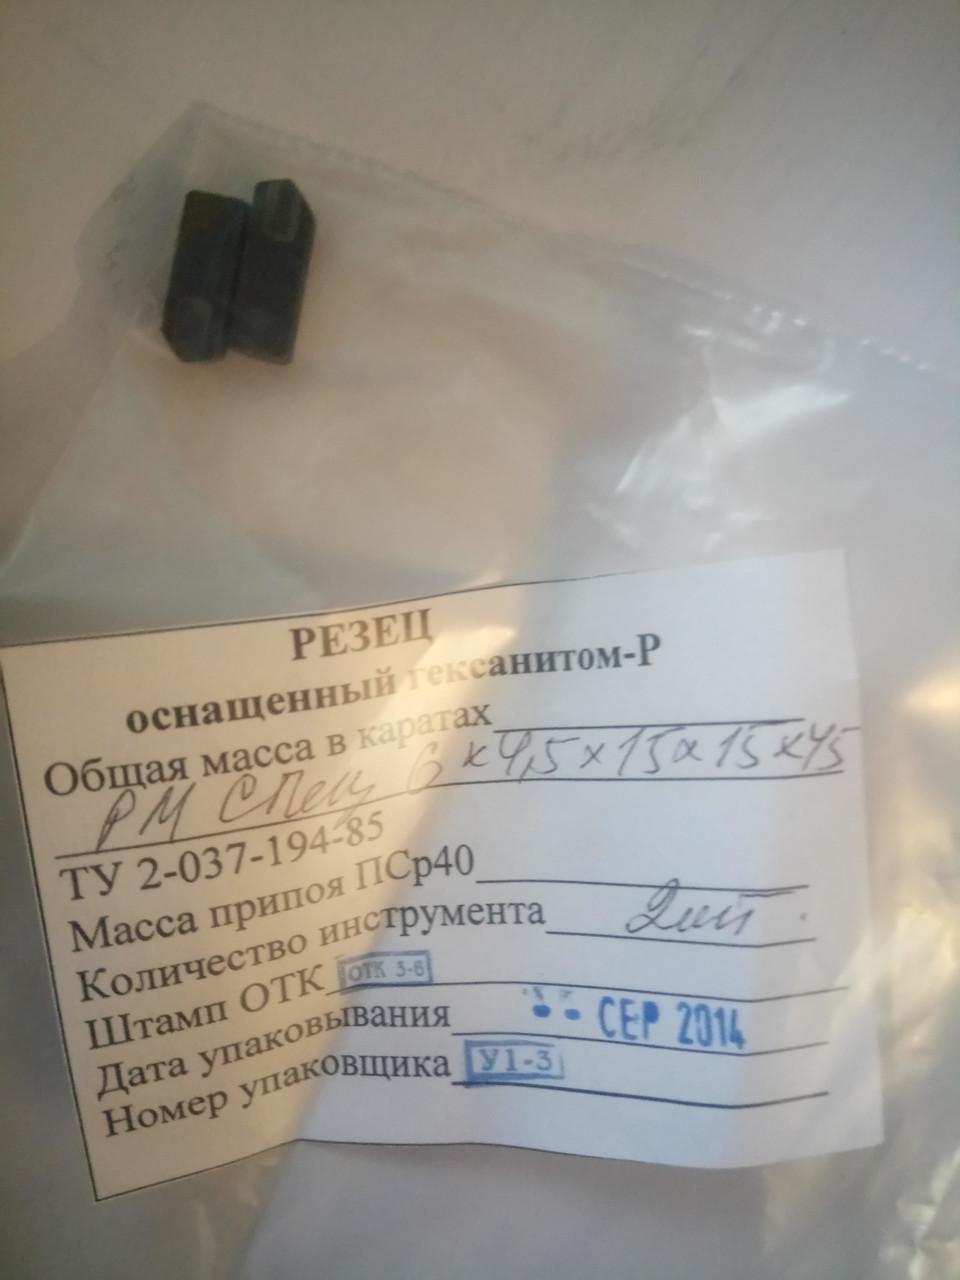 Резец расточной цельный для борштанги 6х 4,5х15х15 х45 оснащенный гексанитом P